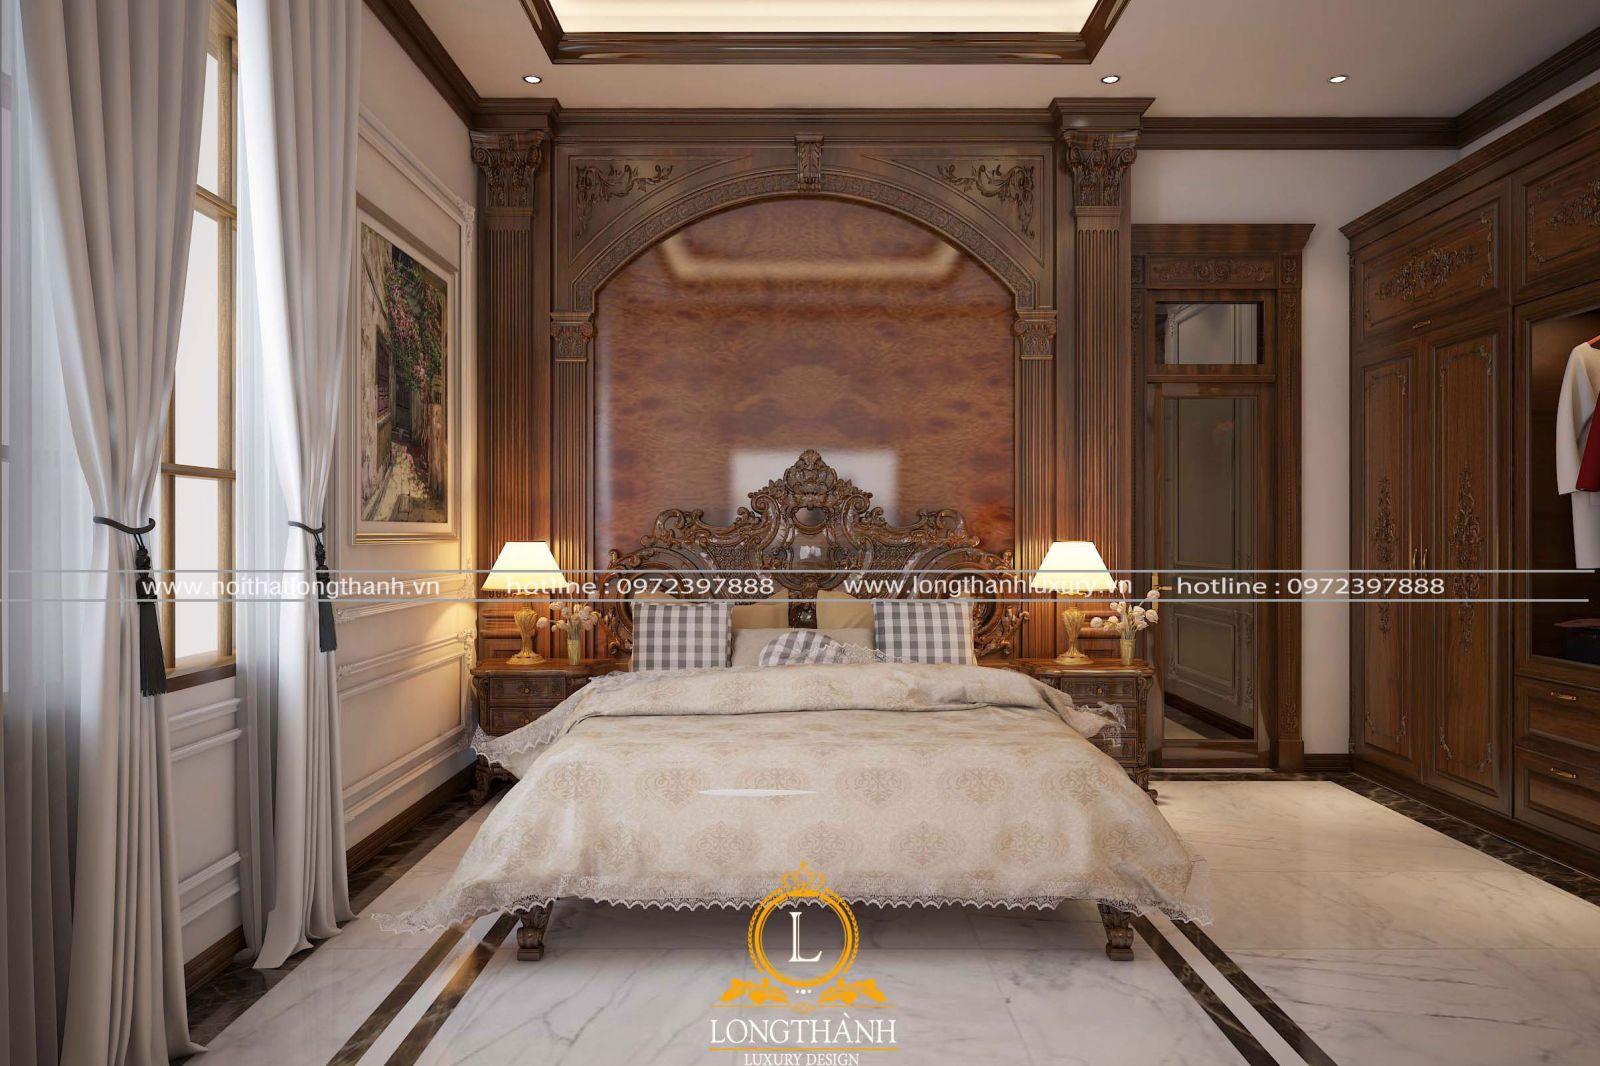 Phòng ngủ tân cổ điển với chất lượng gỗ Gõ thể hiện gu thẩm mỹ riêng của chủ nhân